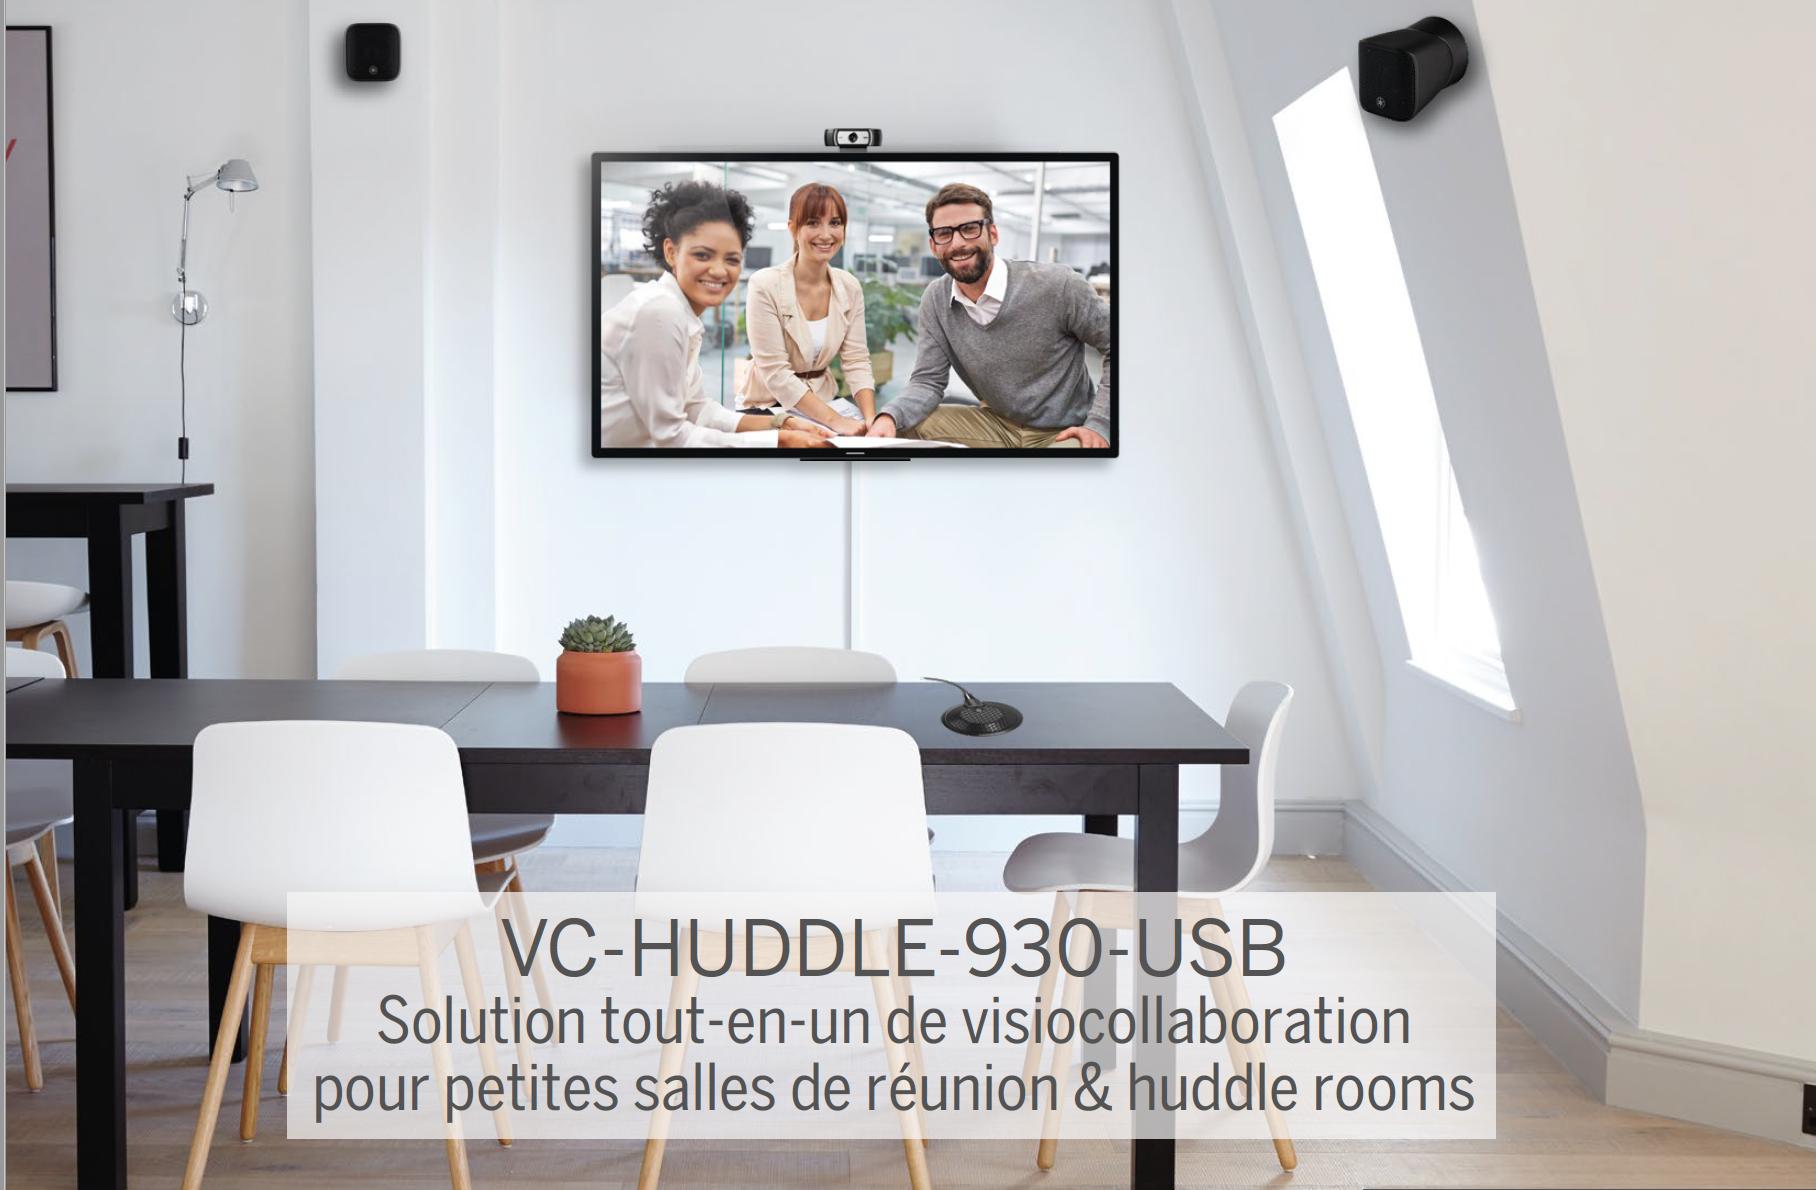 Bundle de visiocollaboration avec mixeur DSP Converge Huddle, Micro table omnidirectionnel, 2 x enceintes professionnelles compactes VXS1ML et une webcam